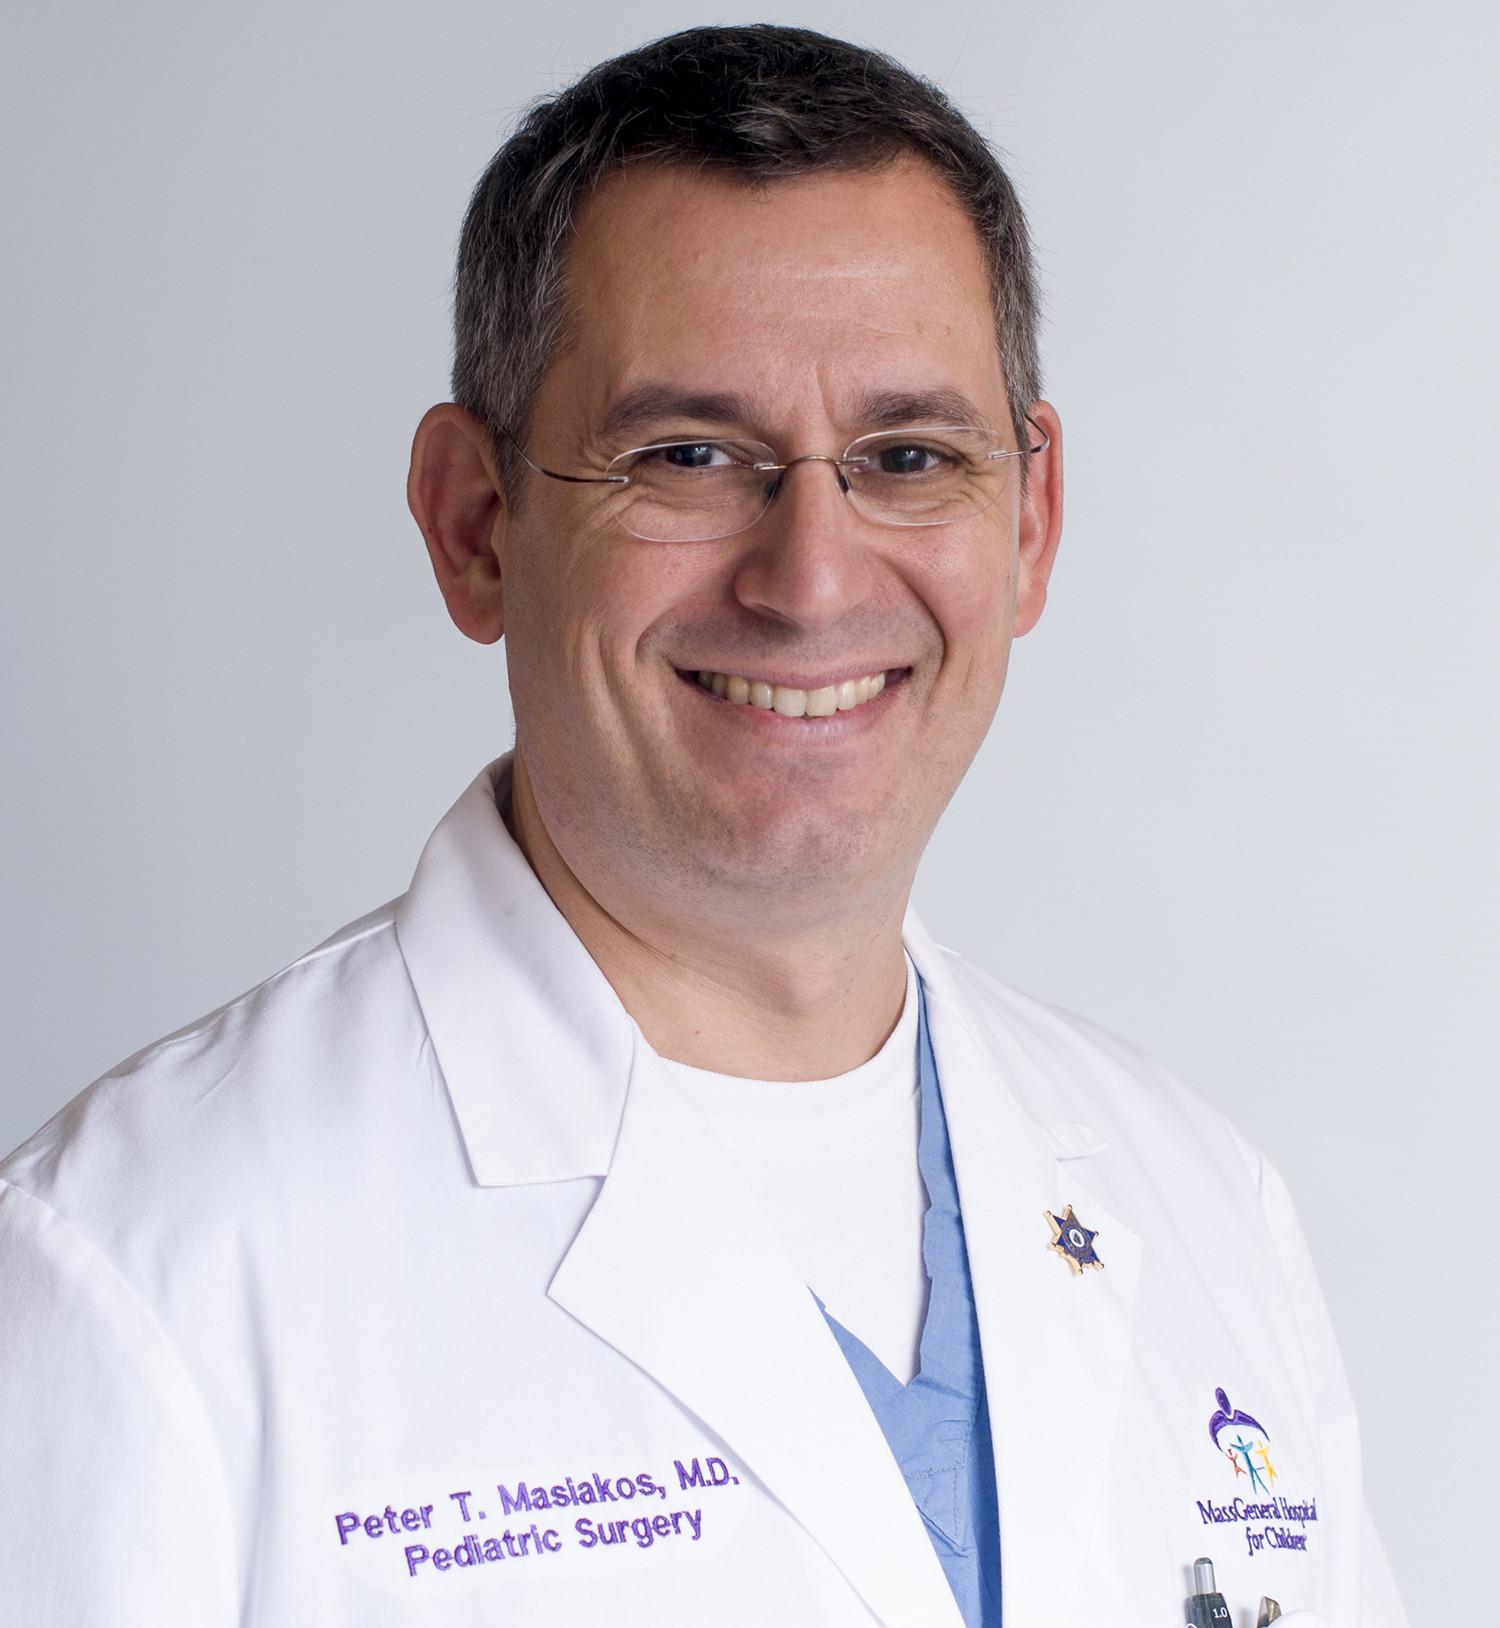 Peter T. Masiakos, MS, MD, FACS, FAAP's avatar